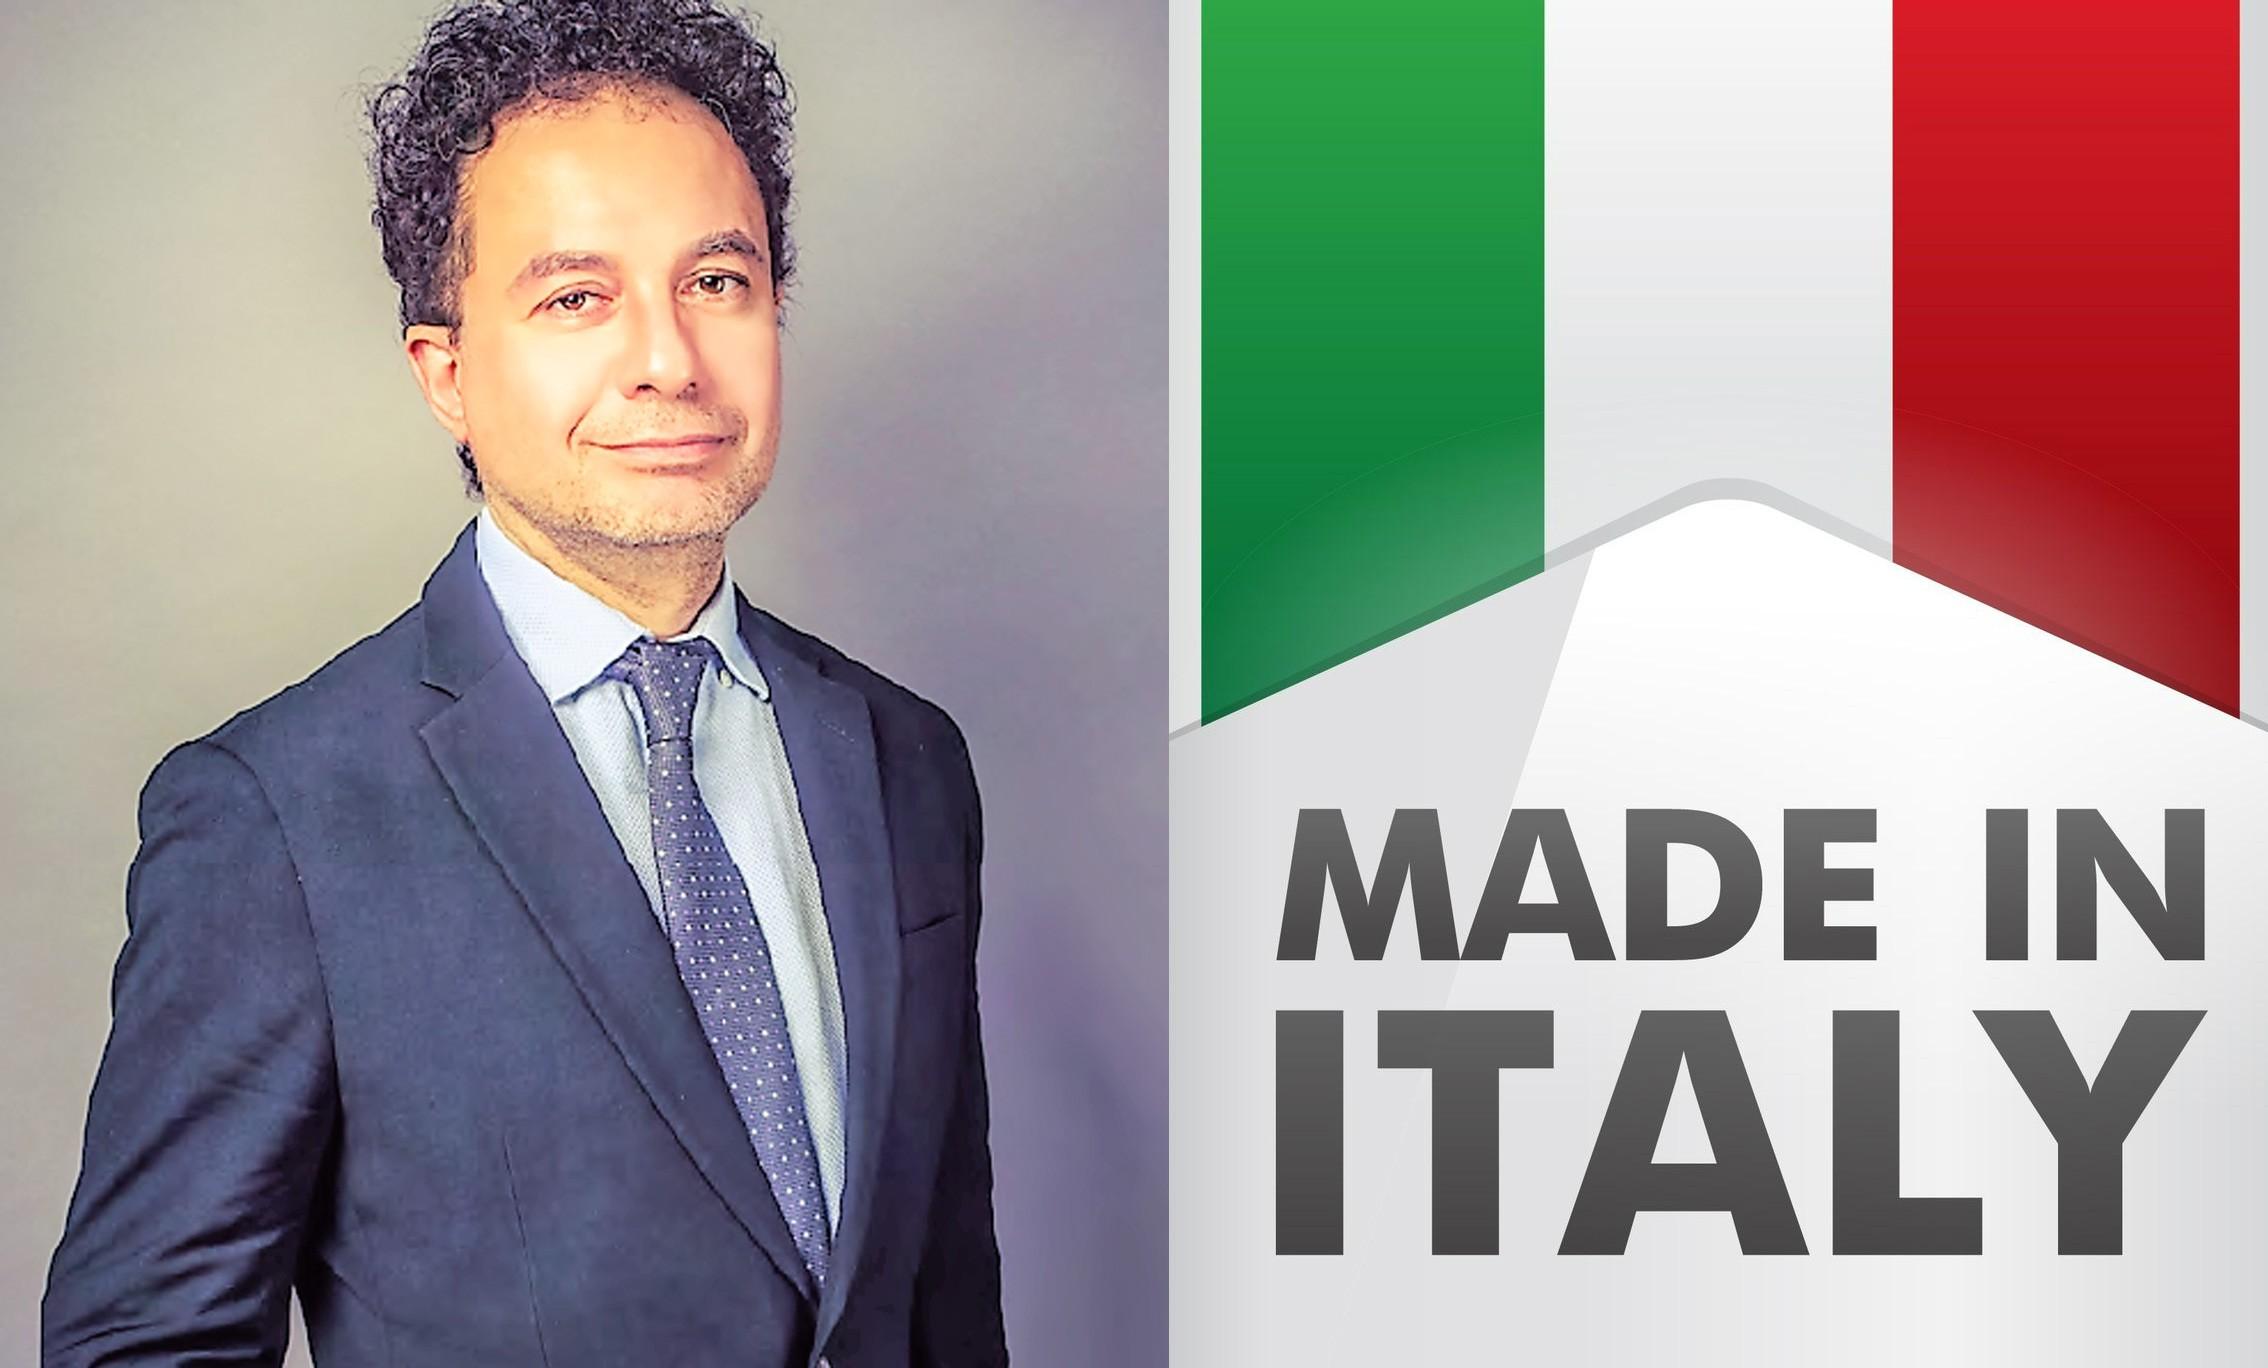 Promozione Del Made In Italy: Le Risorse E I Paesi